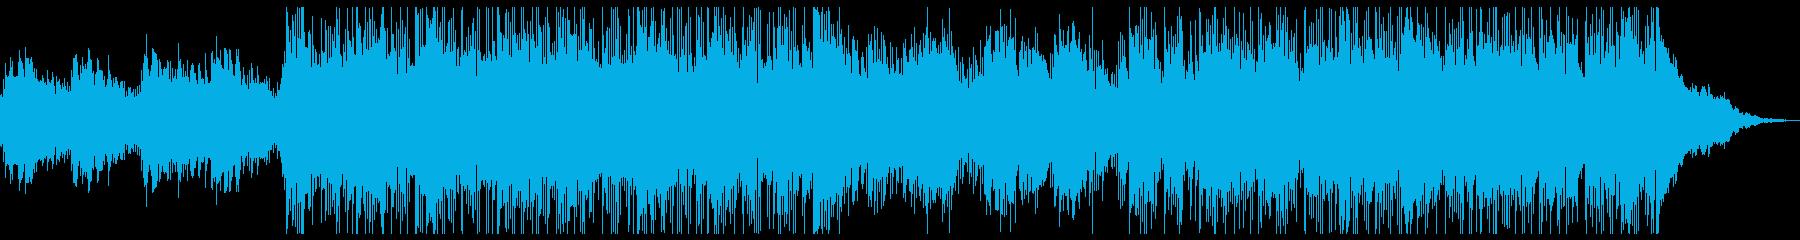 幻想的で透明感のあるジャズ系インストの再生済みの波形